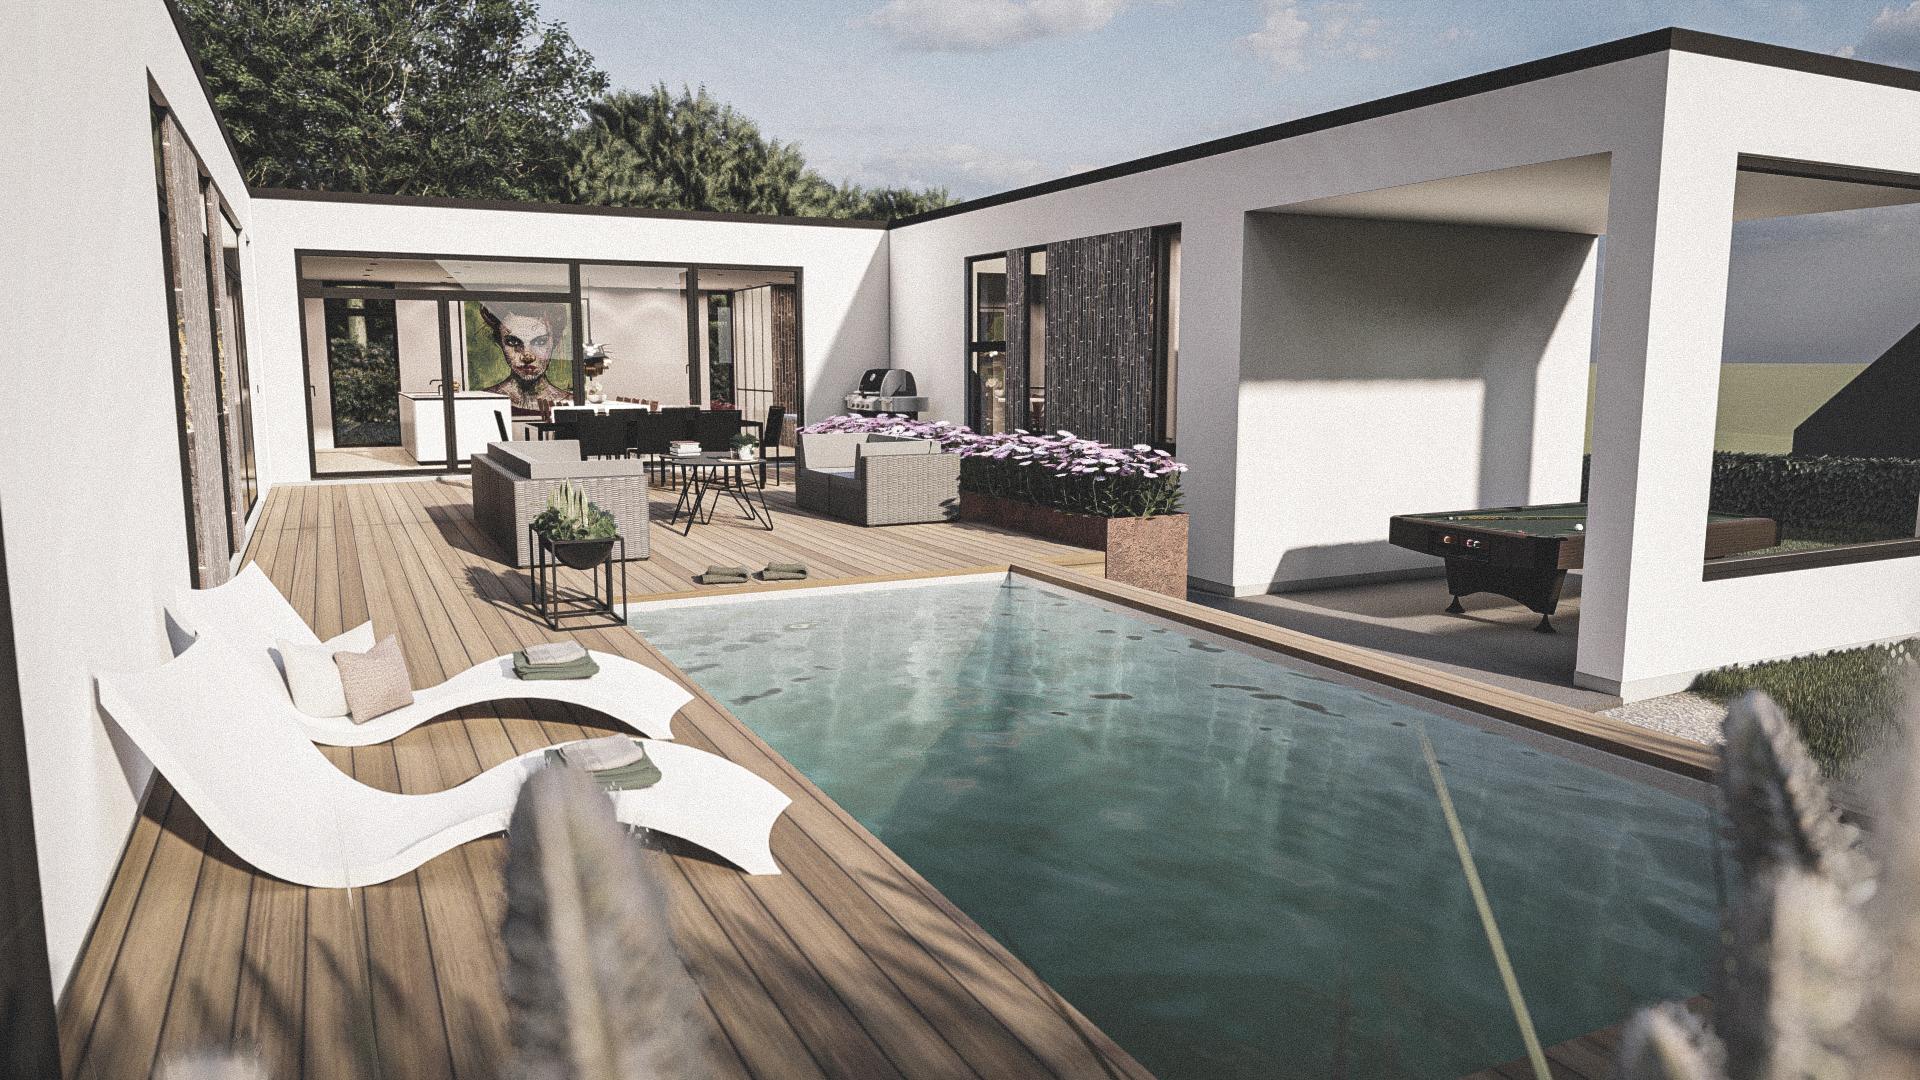 """Billede af et arkitekt tegnet projektforslag af ny drømme villa i Holte, af det danske arkitektfirma m2plus"""""""